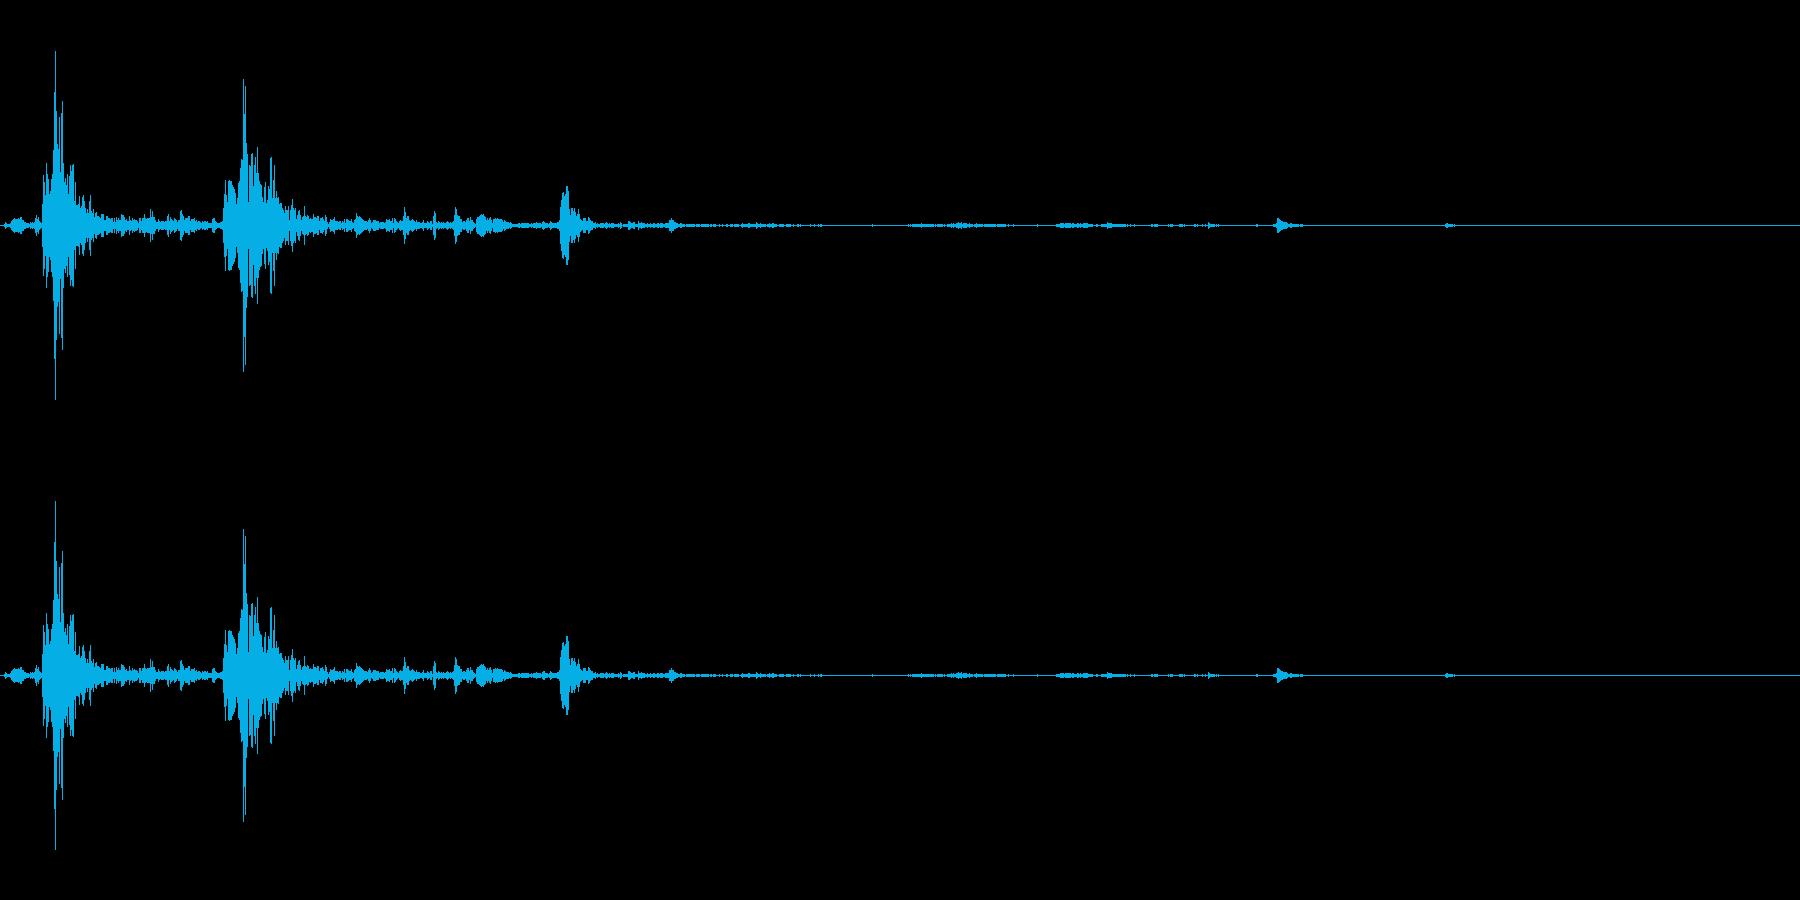 ぺちゃ(足音/モンスター/水生動物)の再生済みの波形